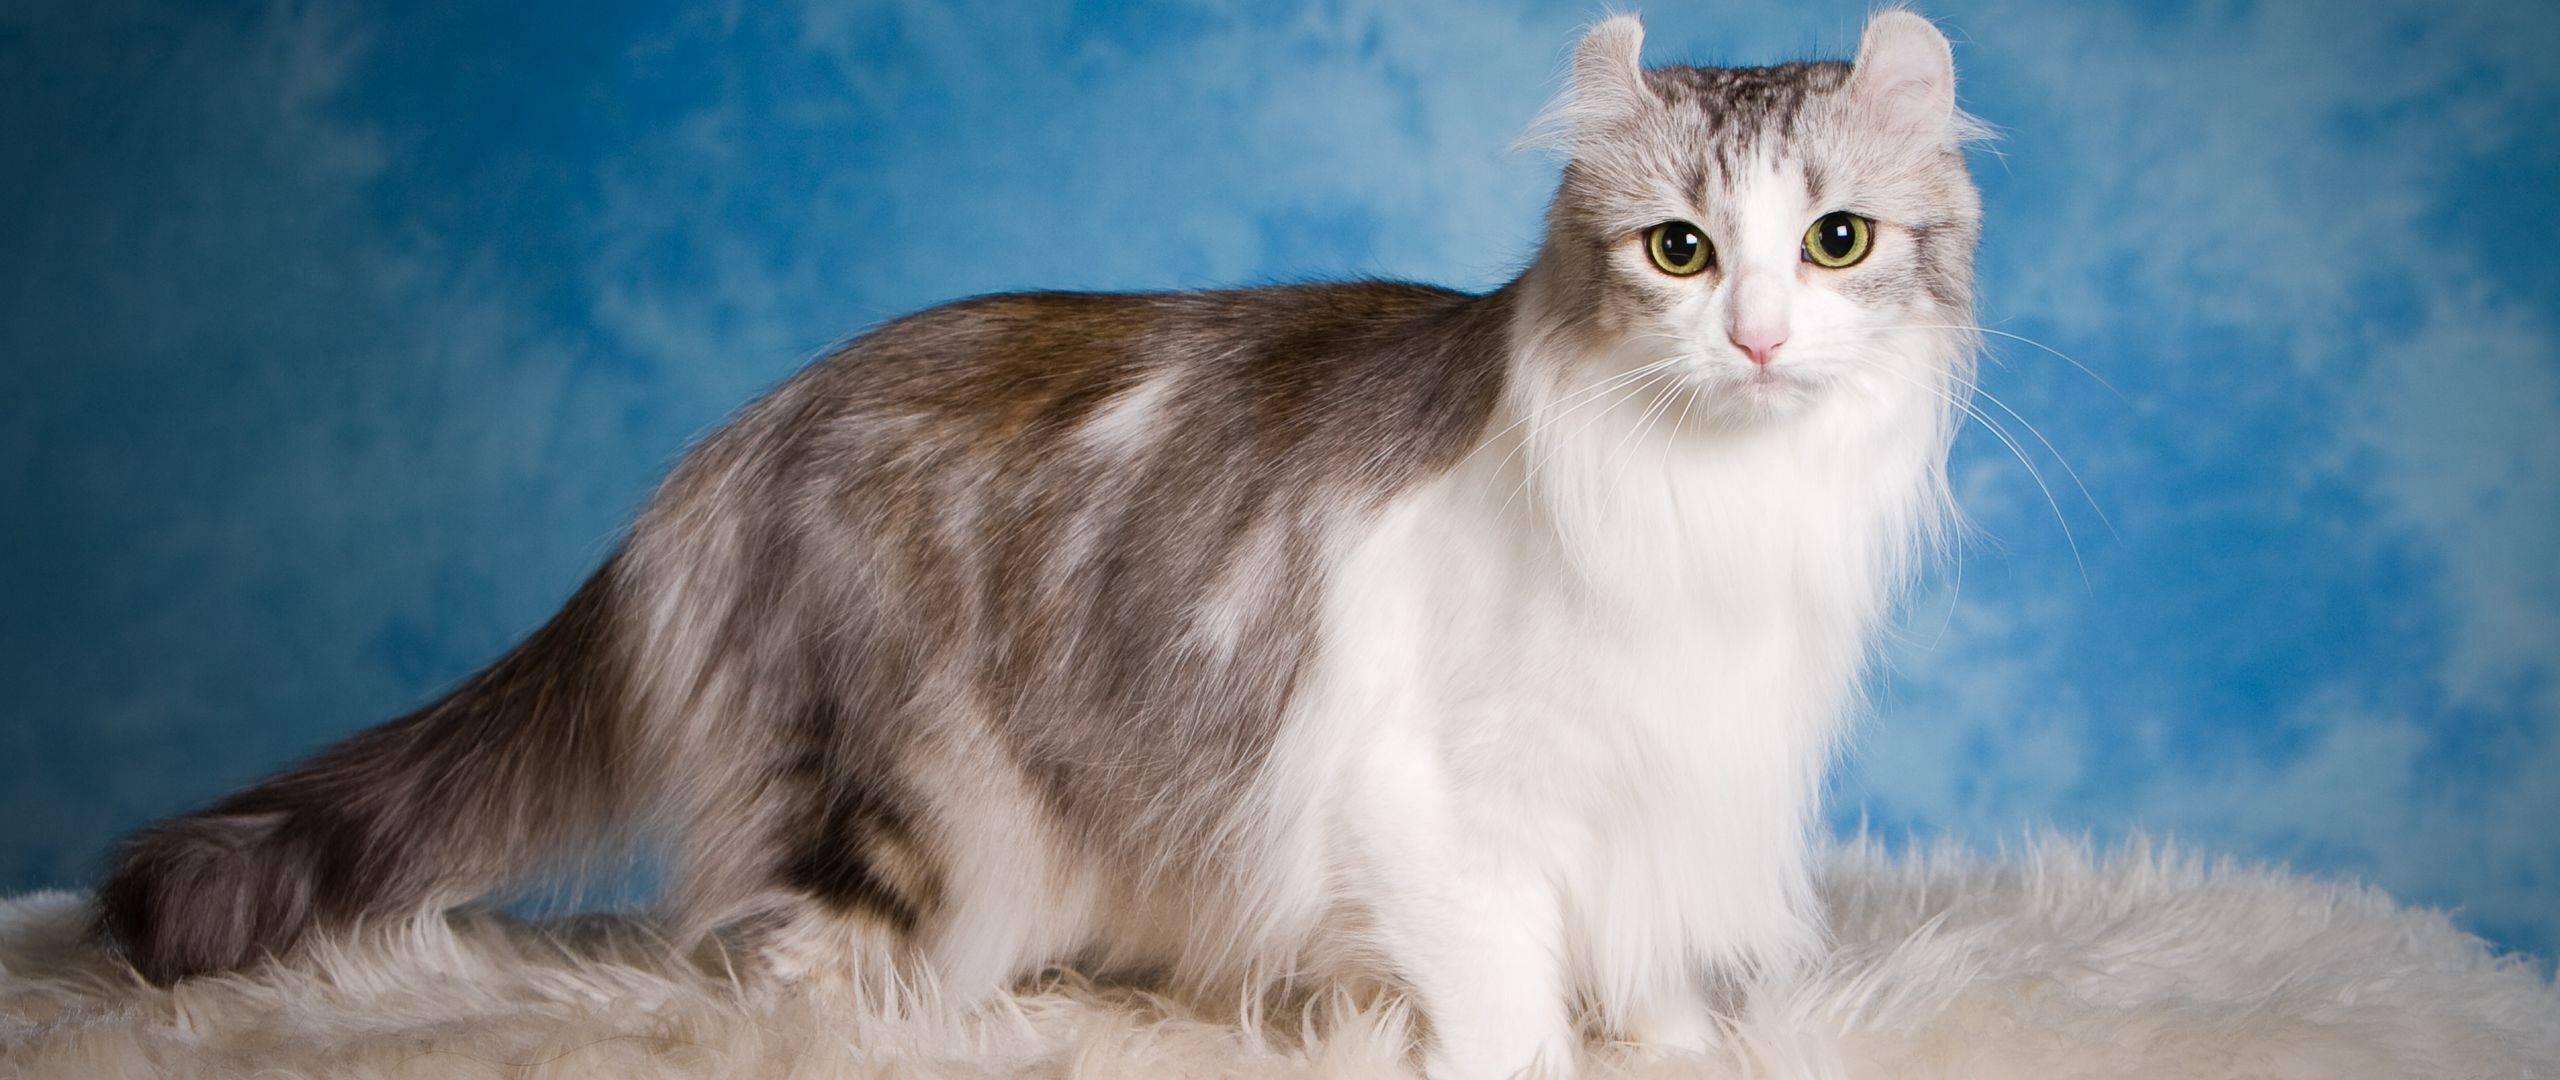 Американский керл: все о кошке, фото, описание породы, характер, цена